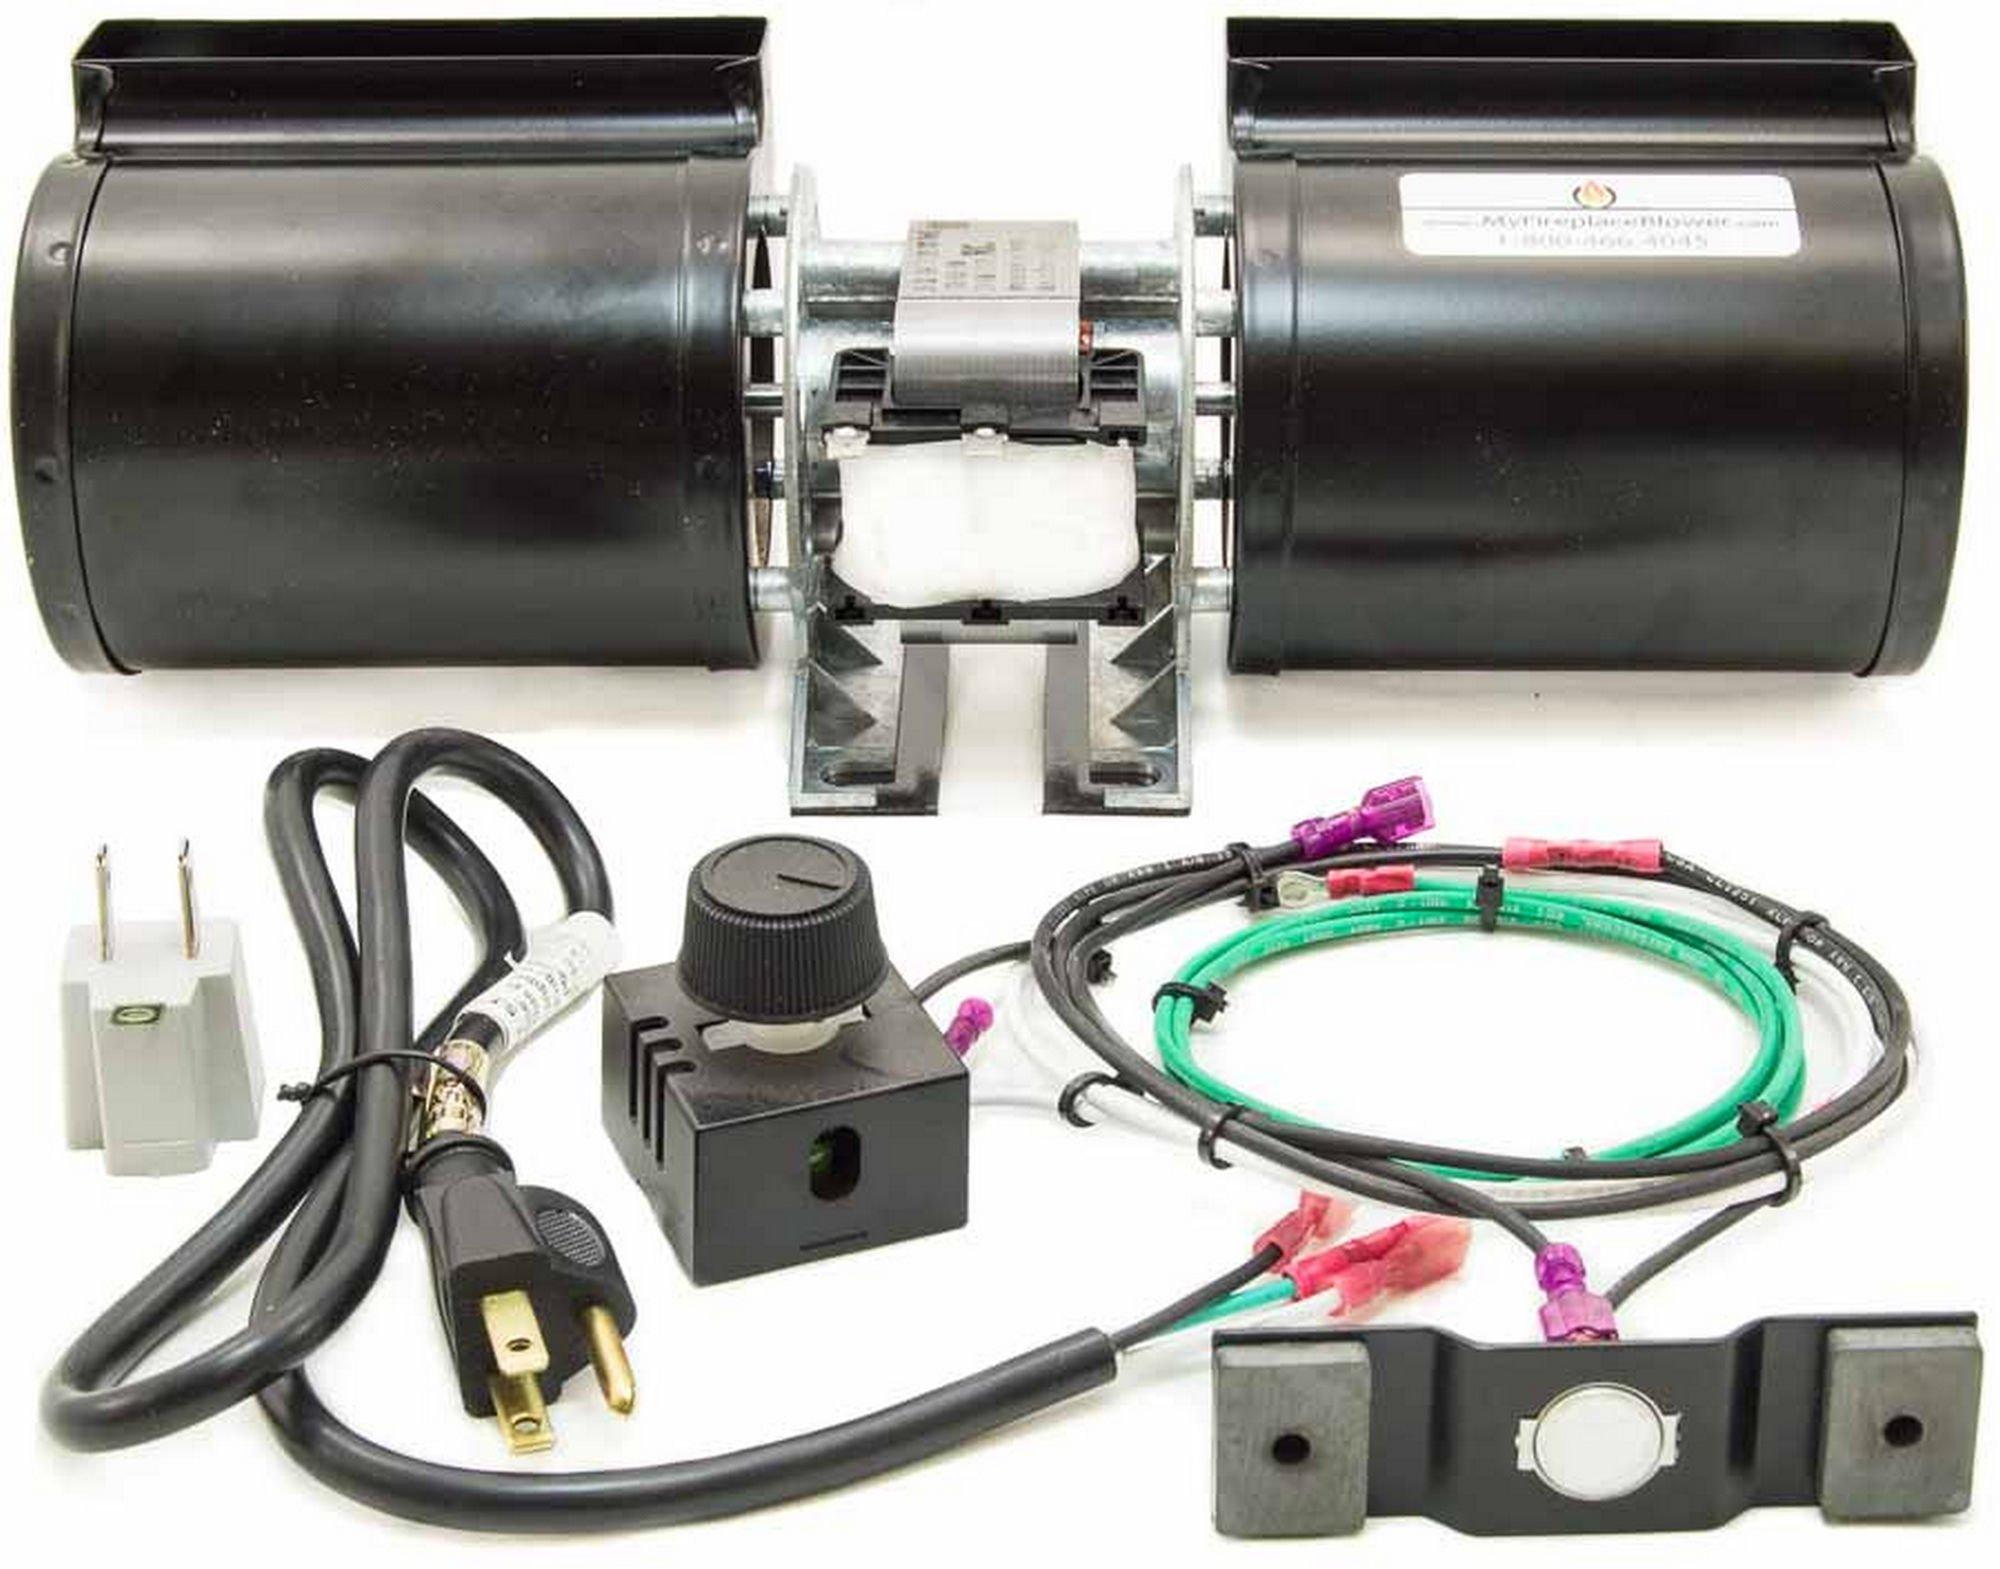 GFK-160A - GFK-160 Fireplace Blower Kit for Heat & GLO - Quadra-Fire by MyFireplaceBlower